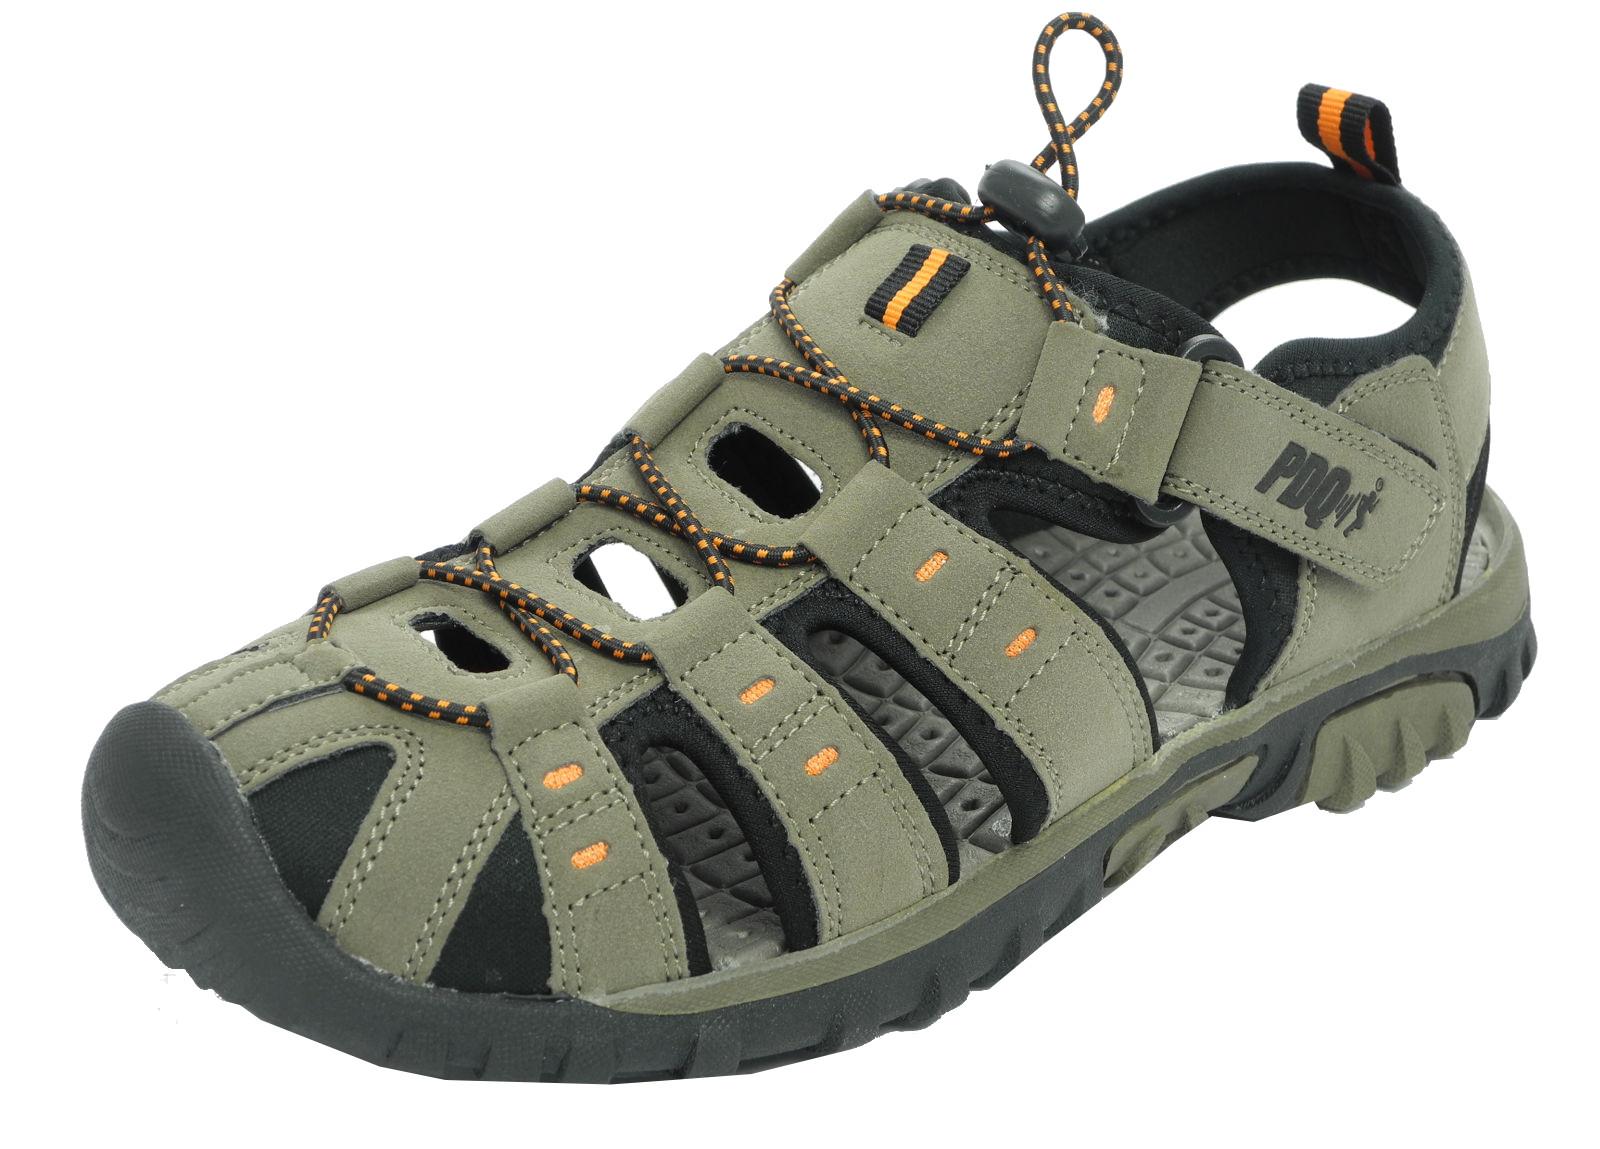 Black enclosed sandals - Thumbnail 1 Thumbnail 2 Thumbnail 3